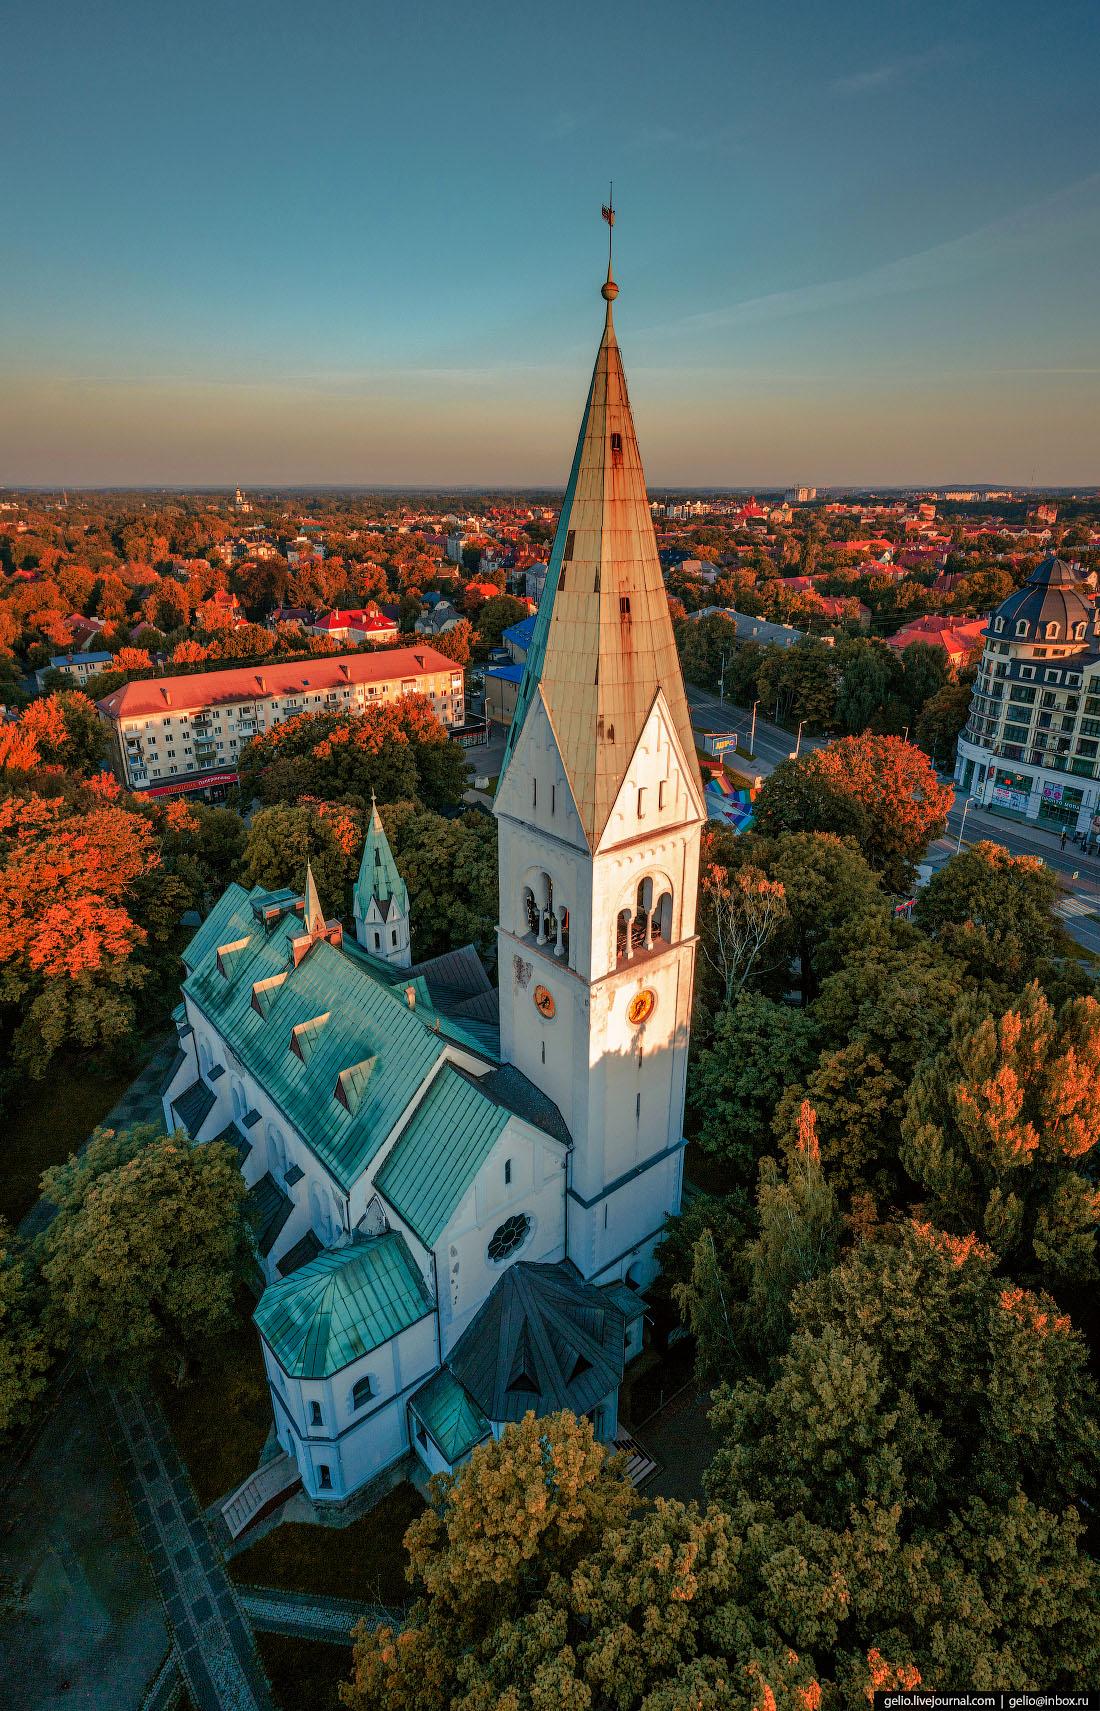 калининград, калининград с высоты, областной театр кукол, Кирха памяти королевы Луизы